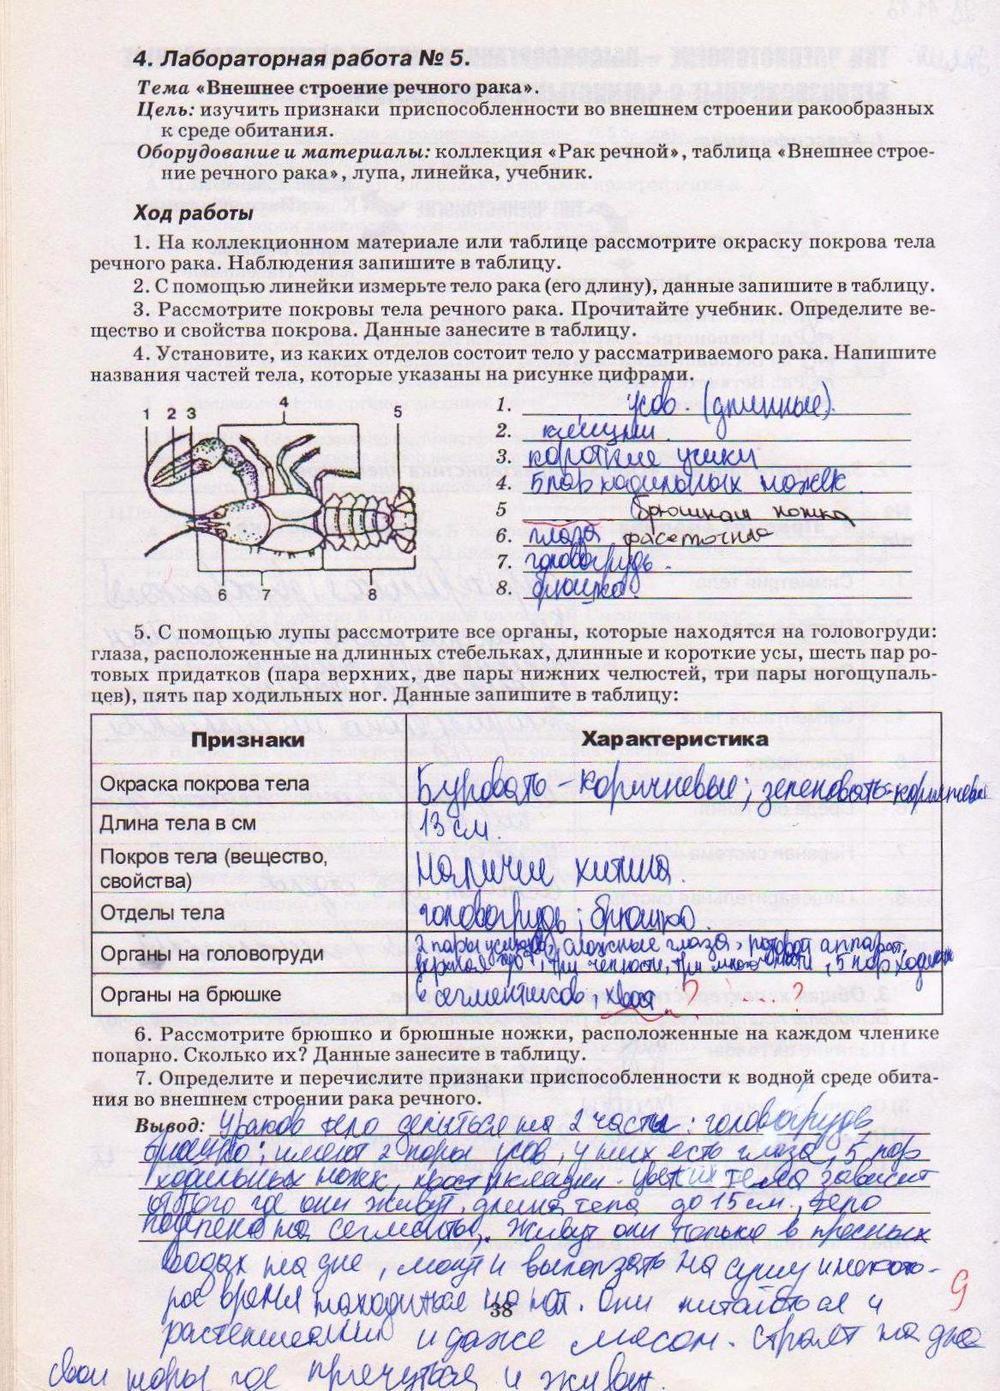 Гдз лабораторные работы по биологии 8 класс вахрушев